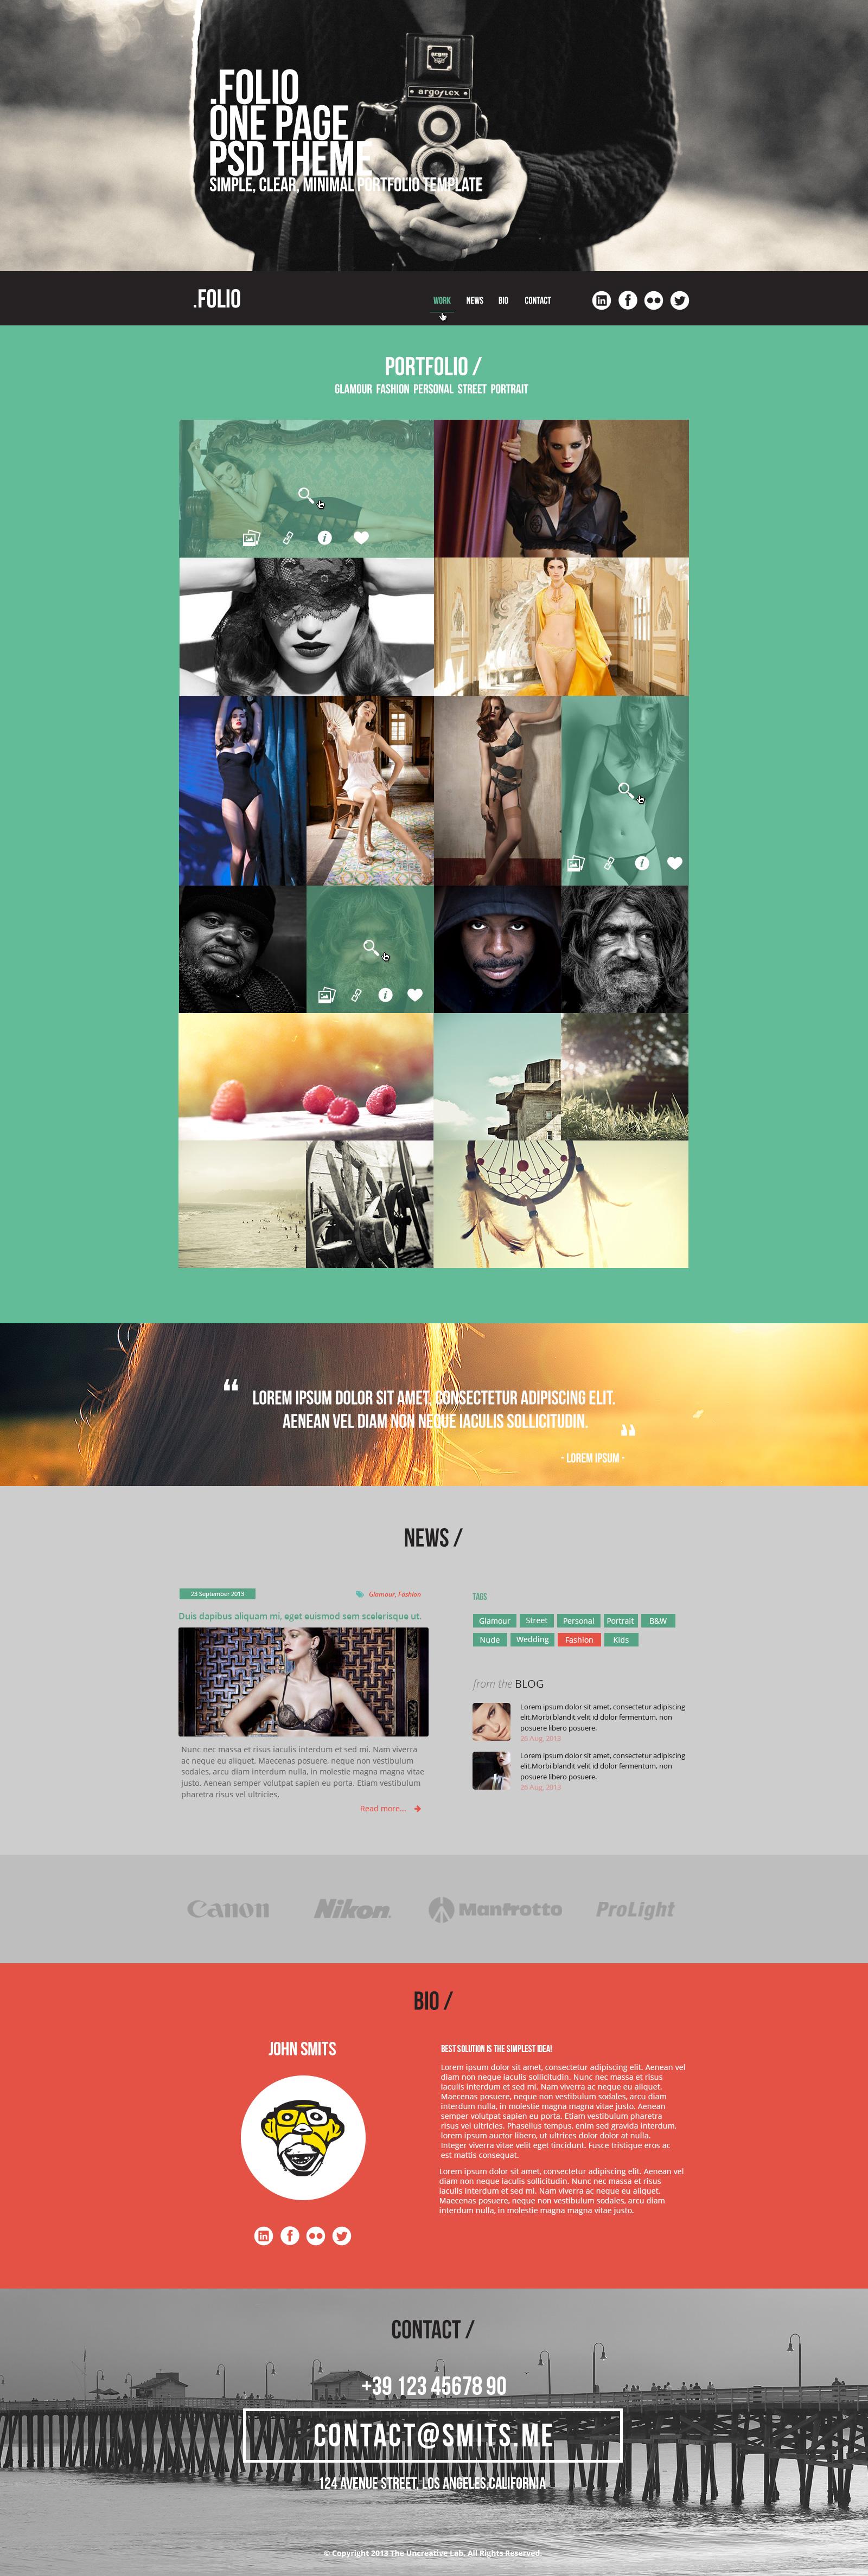 plantilla-psd-una-pagina3